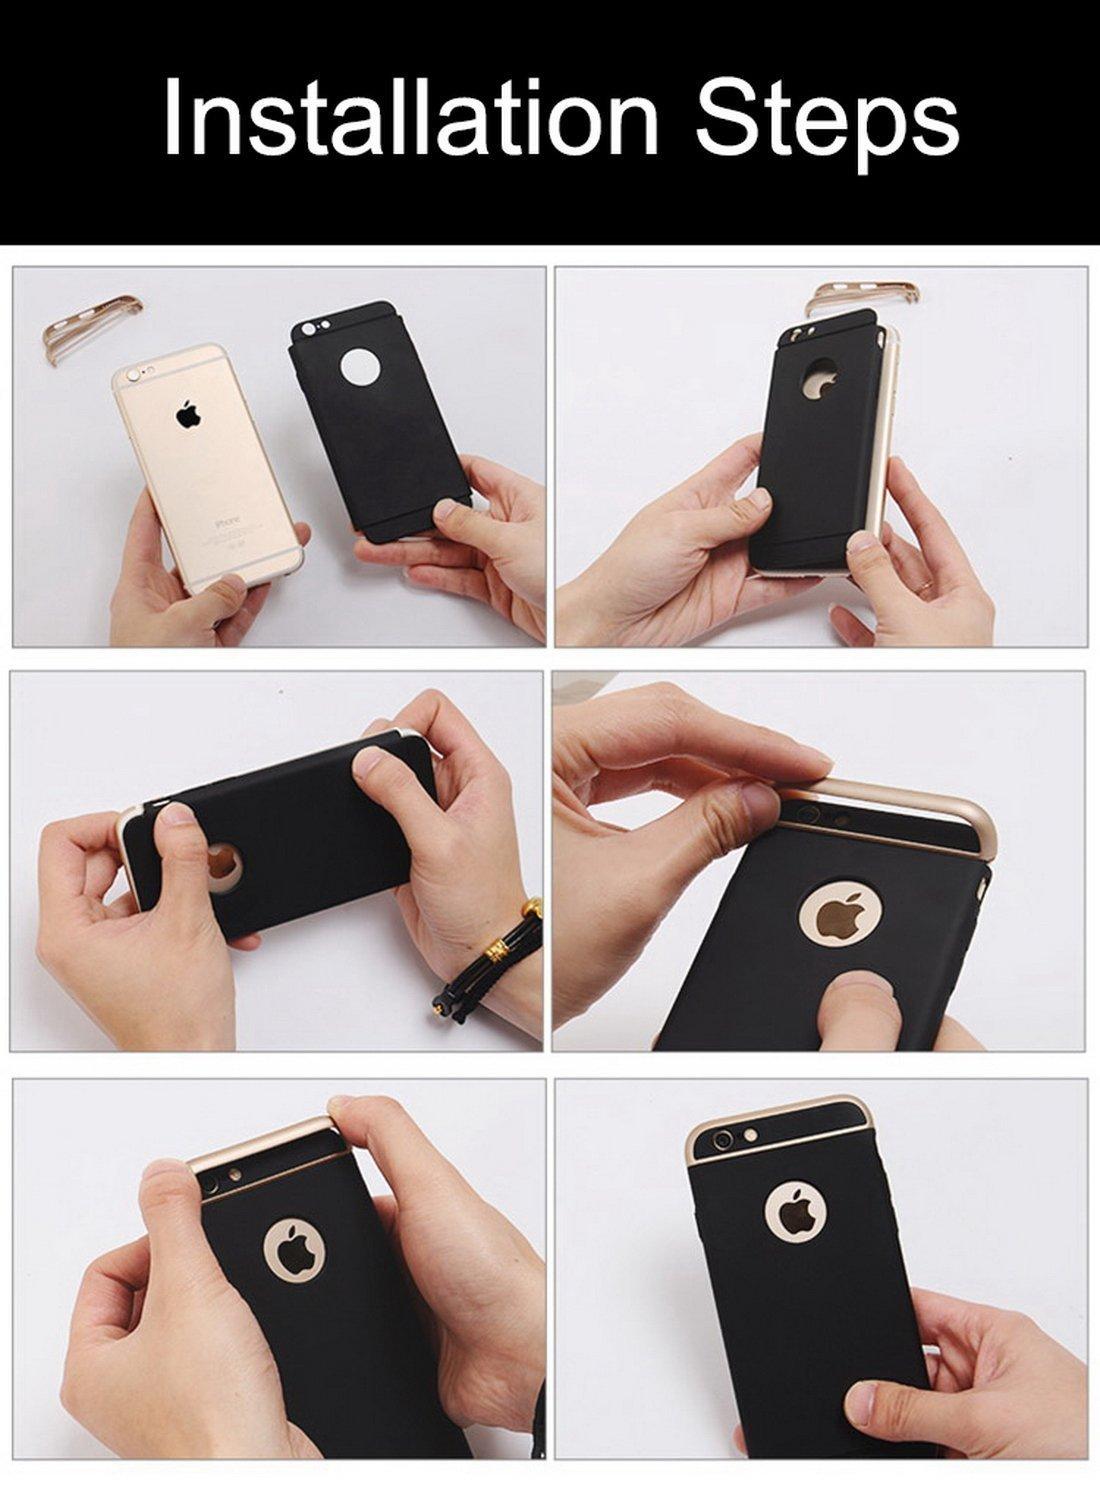 Caler-iPhone-6-6s-Hlle-mit-Ring-Stnder-Hoch-Qualitt-Stofest-Hart-PC-Ultra-Slim-abziehbar-Ringhalter-Anti-Scratch-Schutz-Kratzfest-Schutzhlle-Case-fr-iPhone-6s6